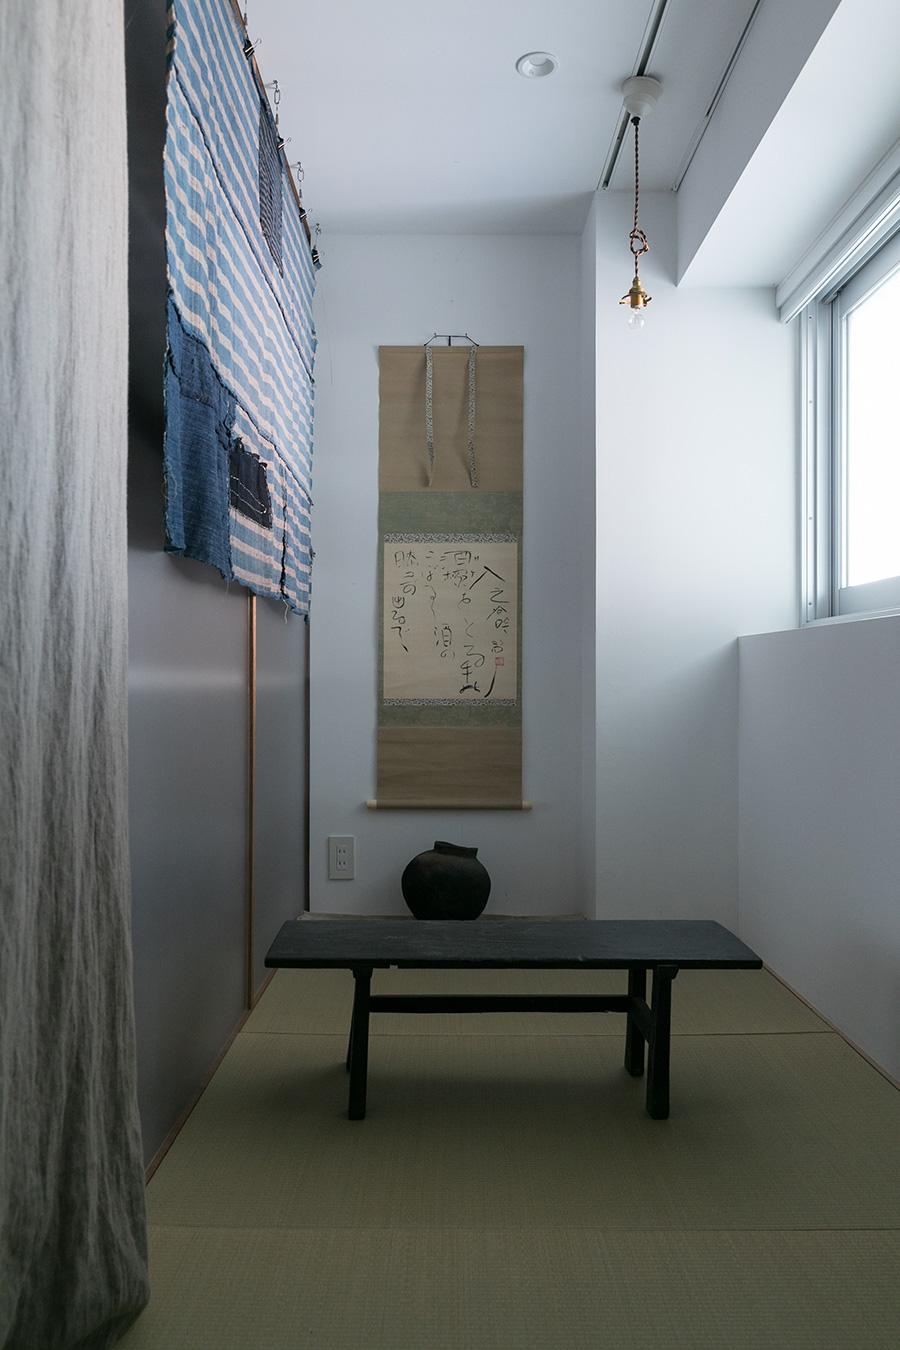 土間から1段上がった畳の間。正岡子規に師事した河東碧梧桐というアーティストの掛け軸と、弥生土器を飾った。手前は経机(すべてgallery takamine)。